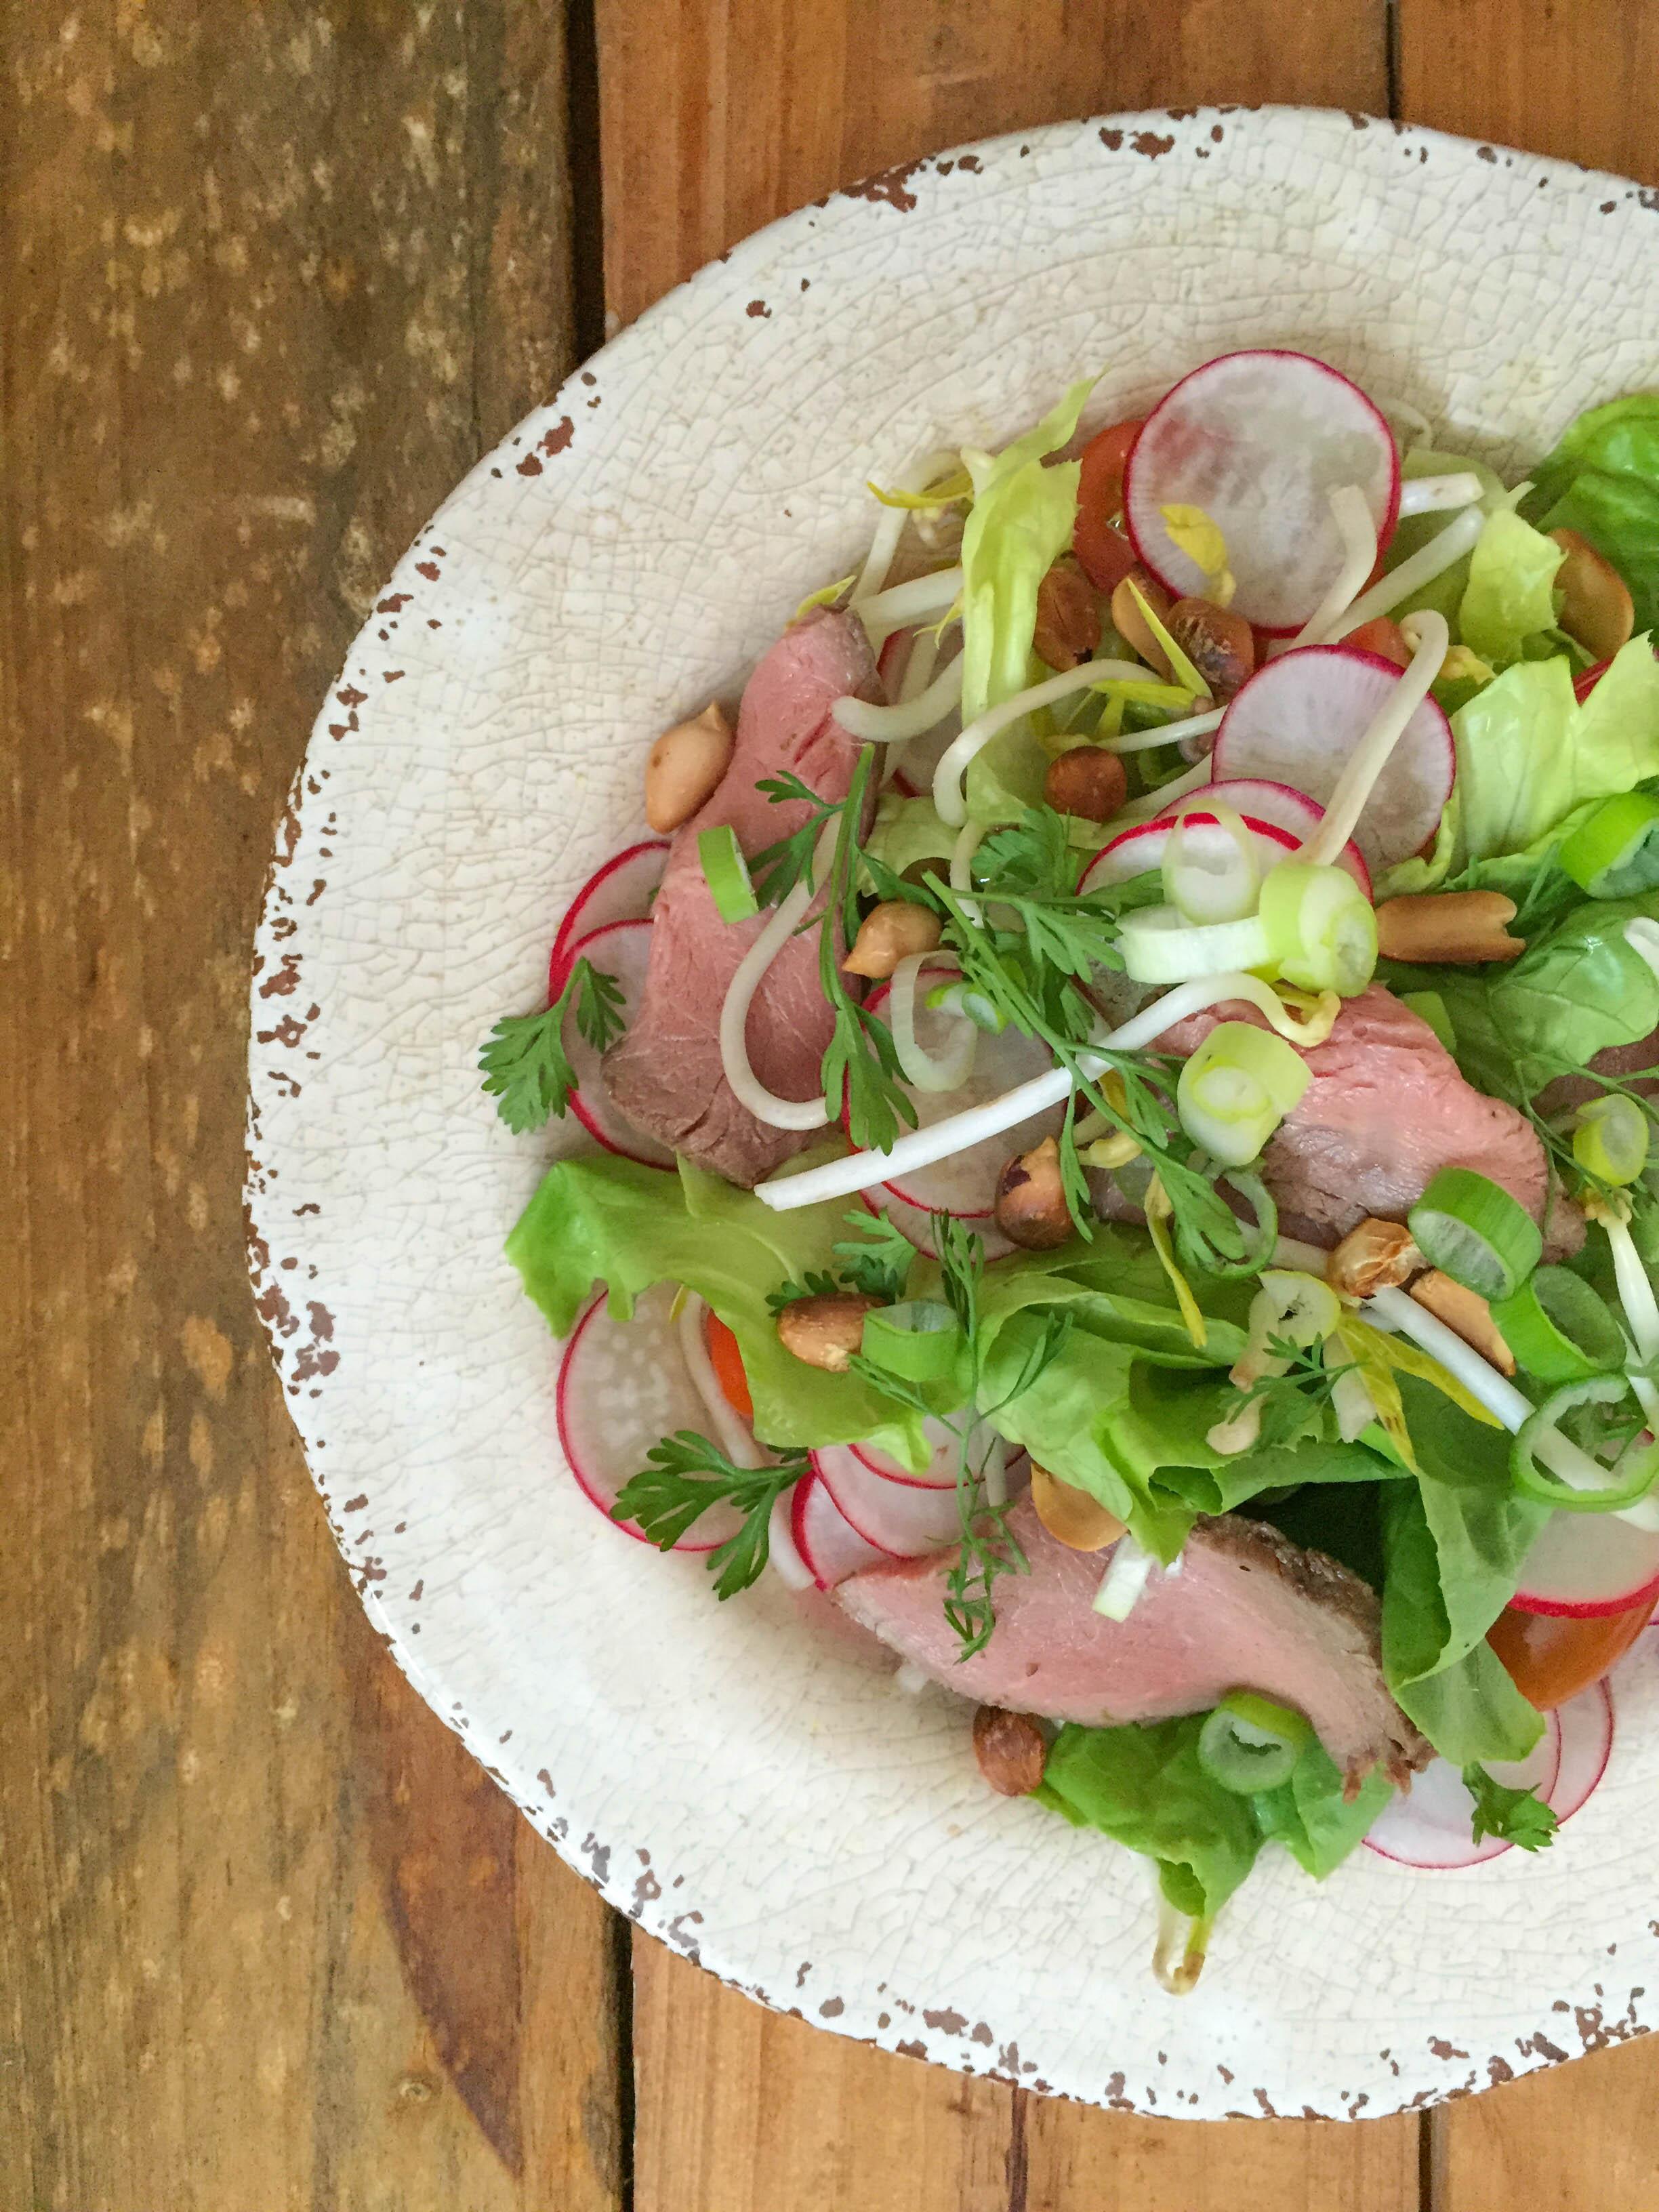 Ensalada de vegetales con rosbif y aderezo asiatico